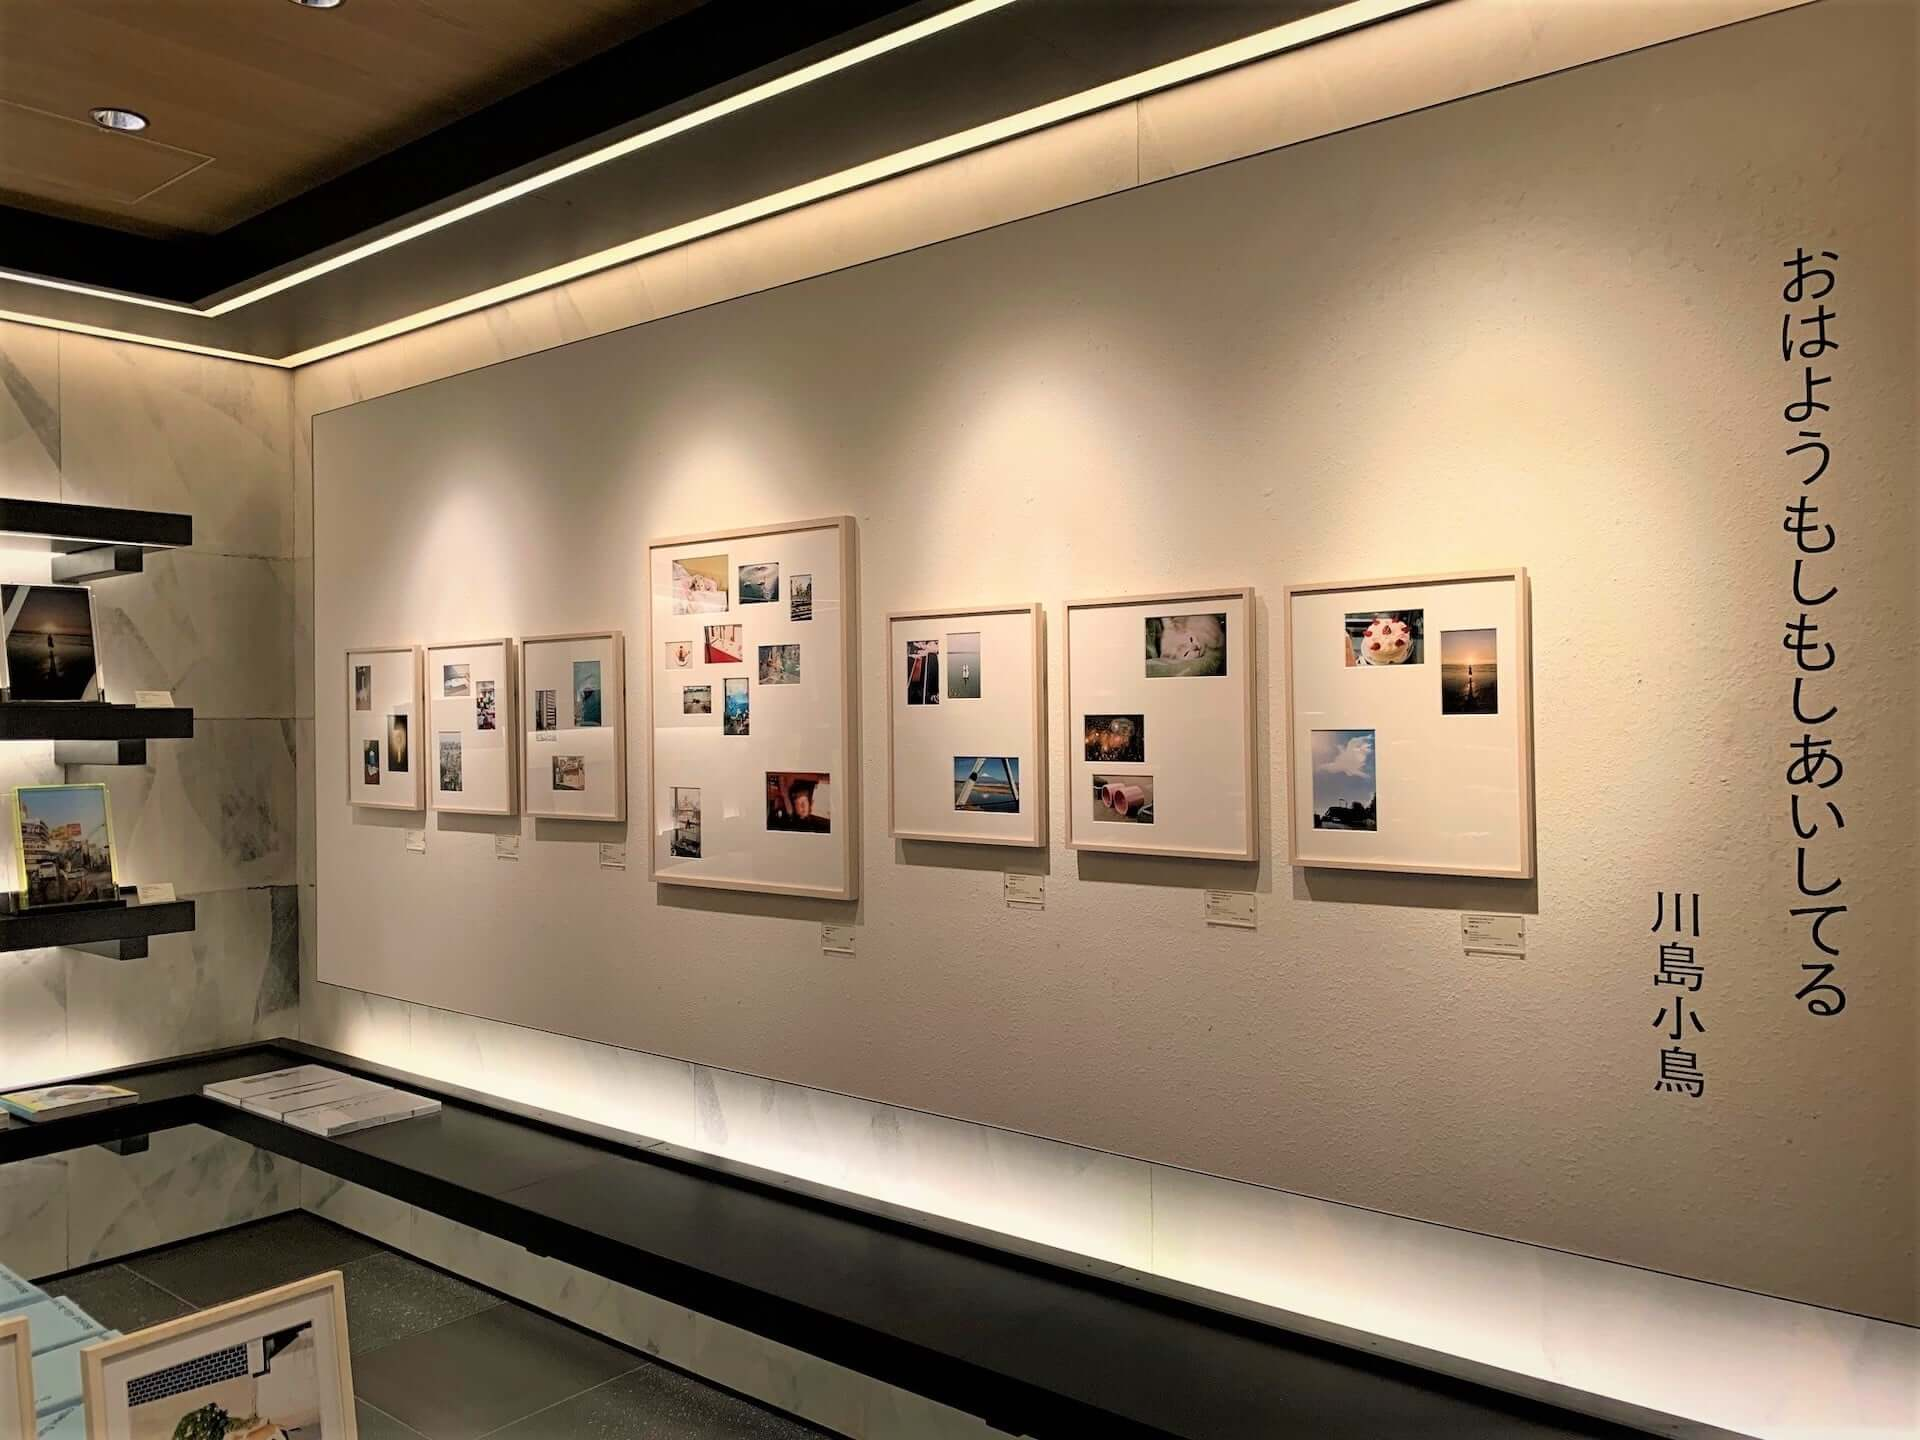 川島小鳥の写真展<おはようもしもしあいしてる>の作品がオンラインでも掲載&販売開始! art200402_kotori_kawashima_1-1920x1440